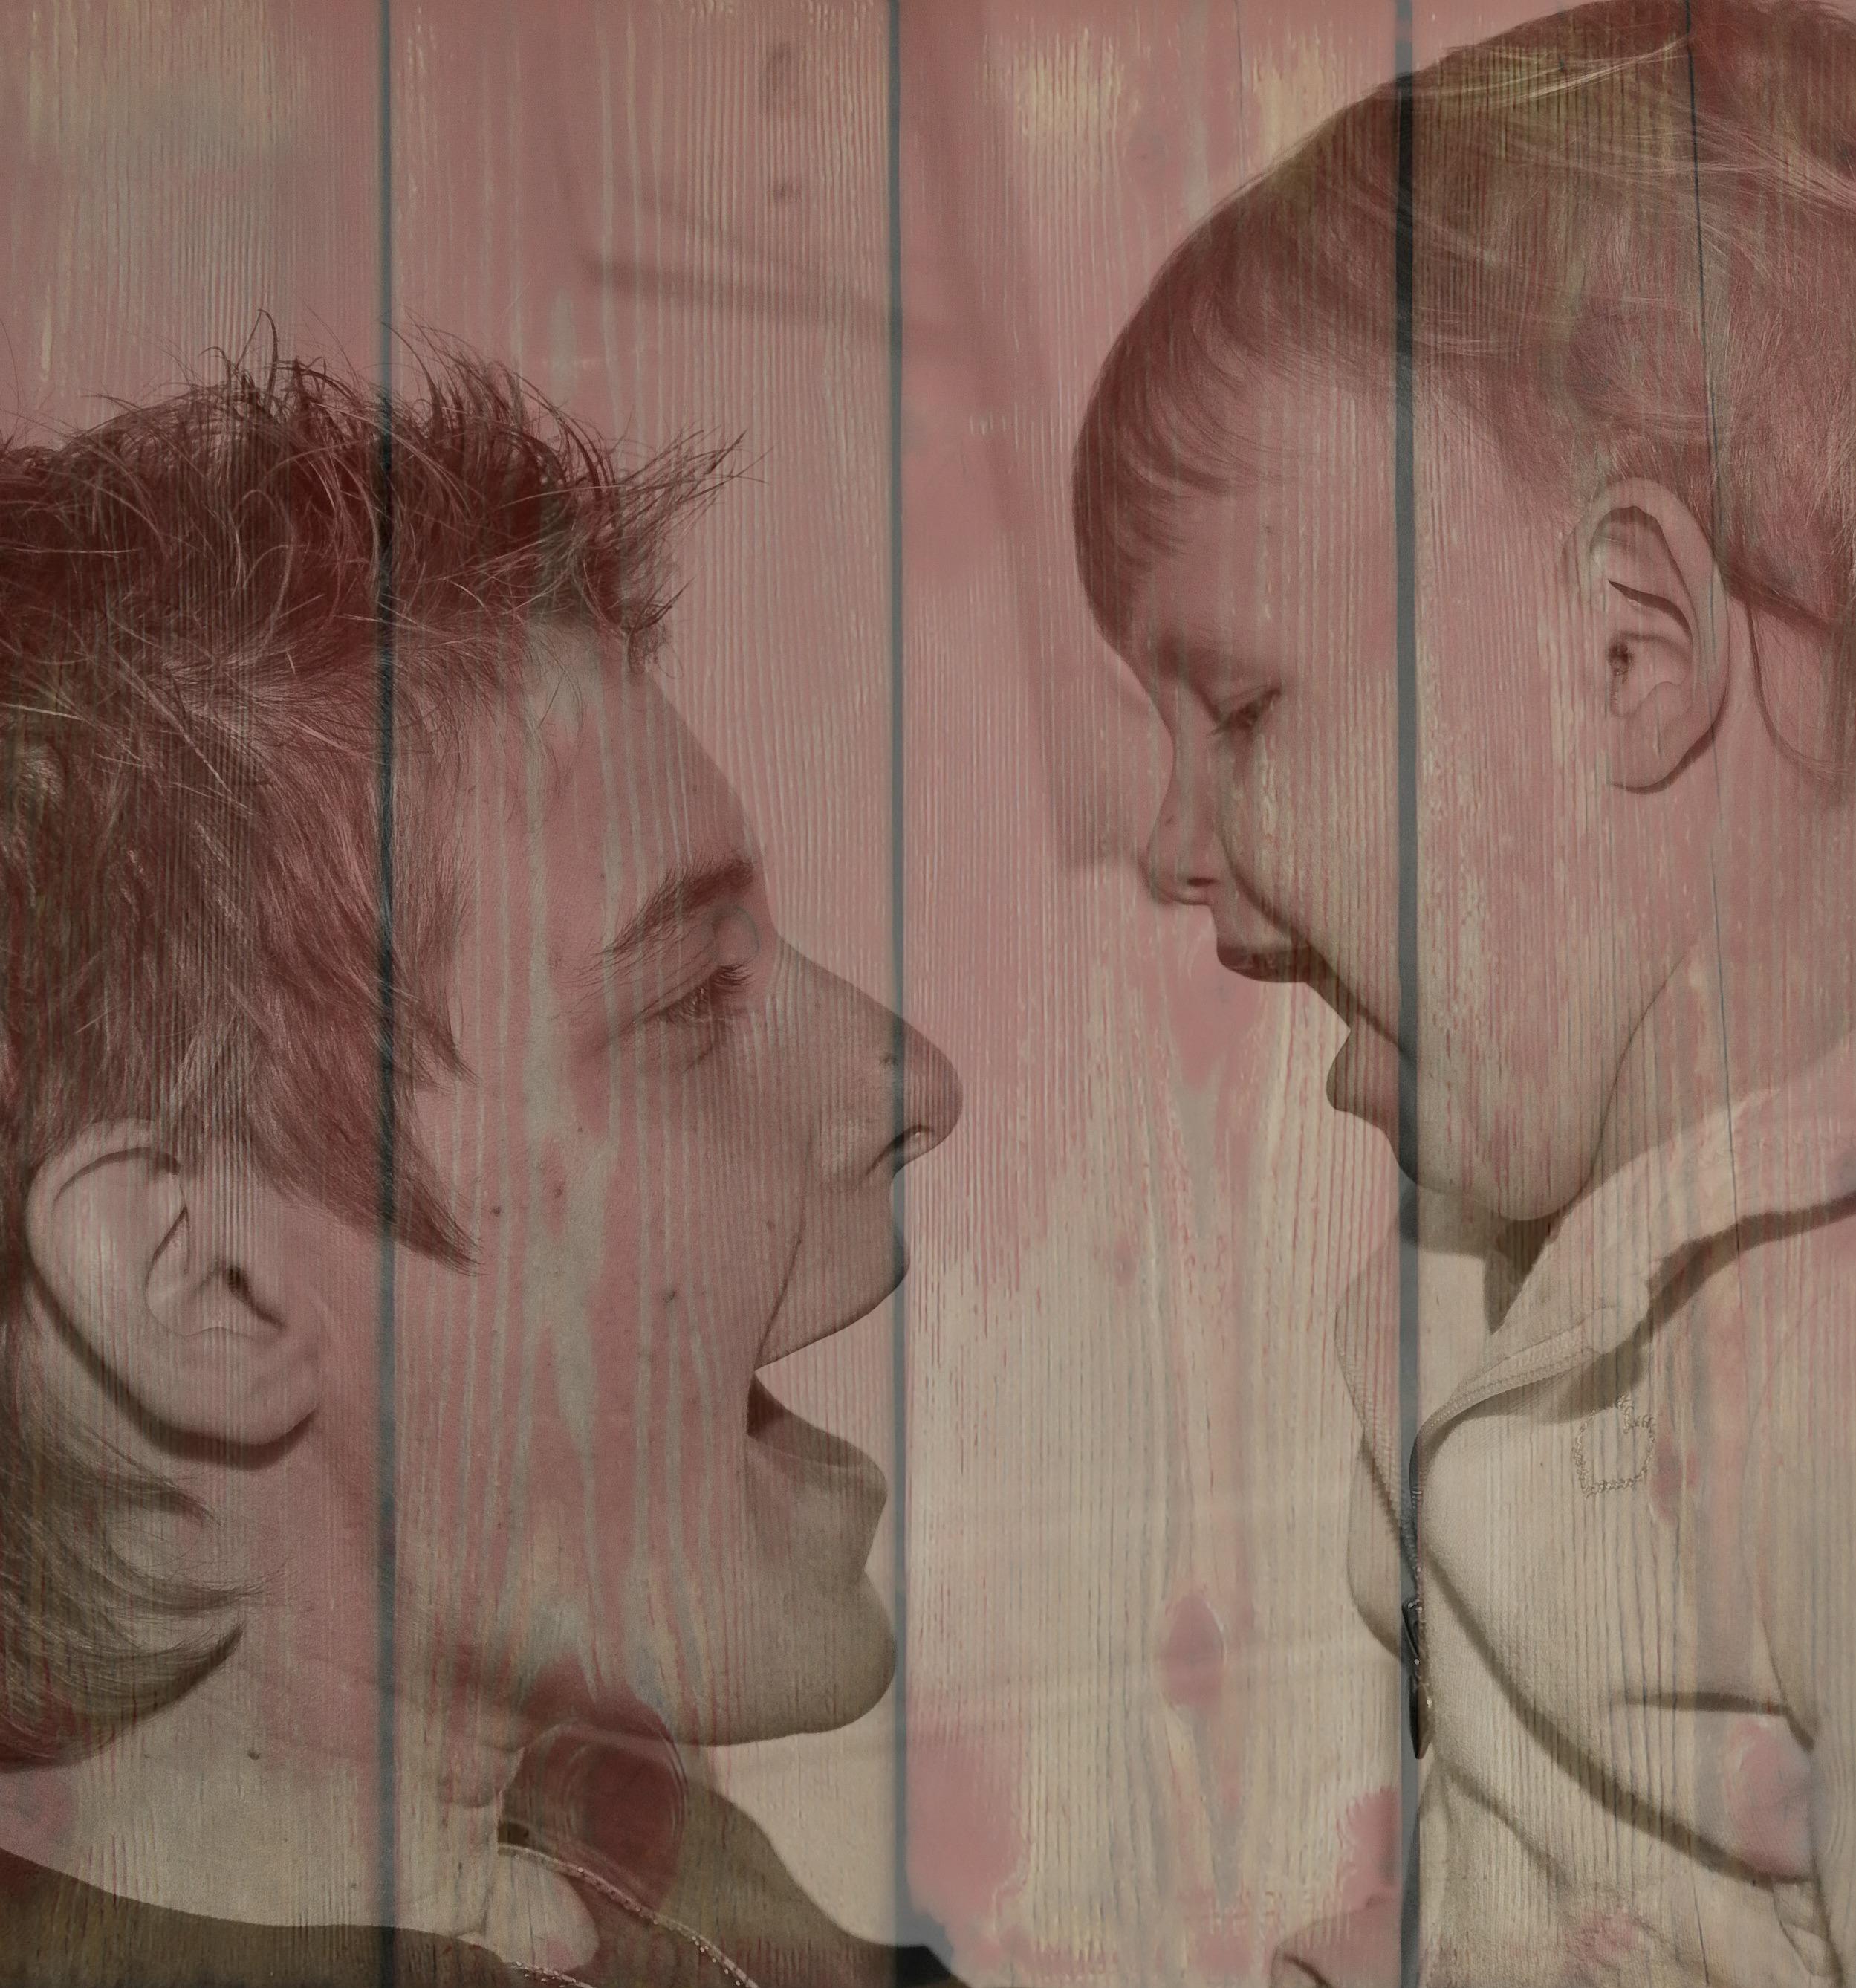 Gambar Kayu Anak Lukisan Seni Ibu Sketsa Gambar Angka